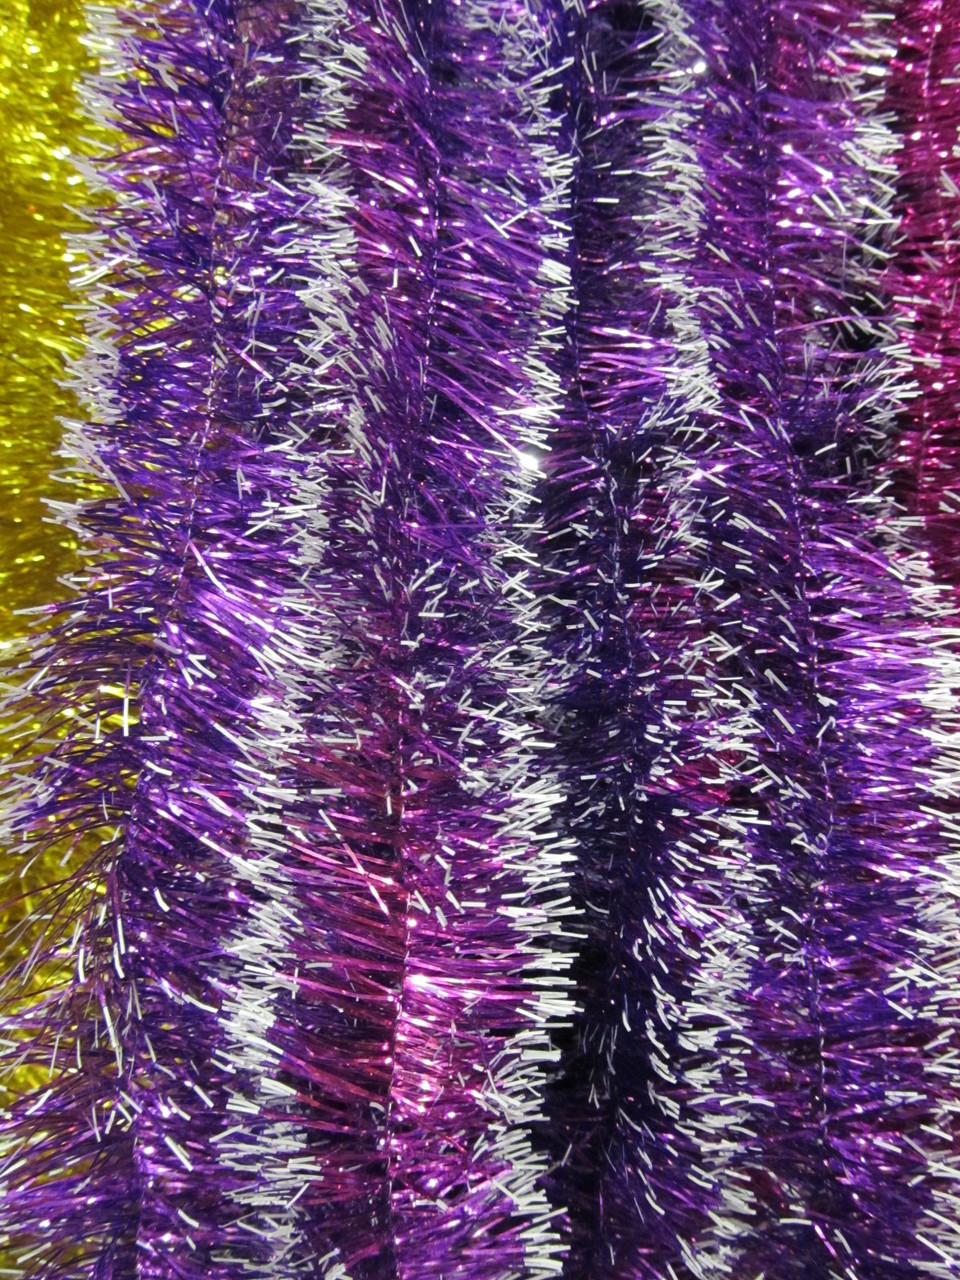 5 см диаметр Мишура дождик новогодняя Фиолетовый с белыми кончиками, Длина 3 метра